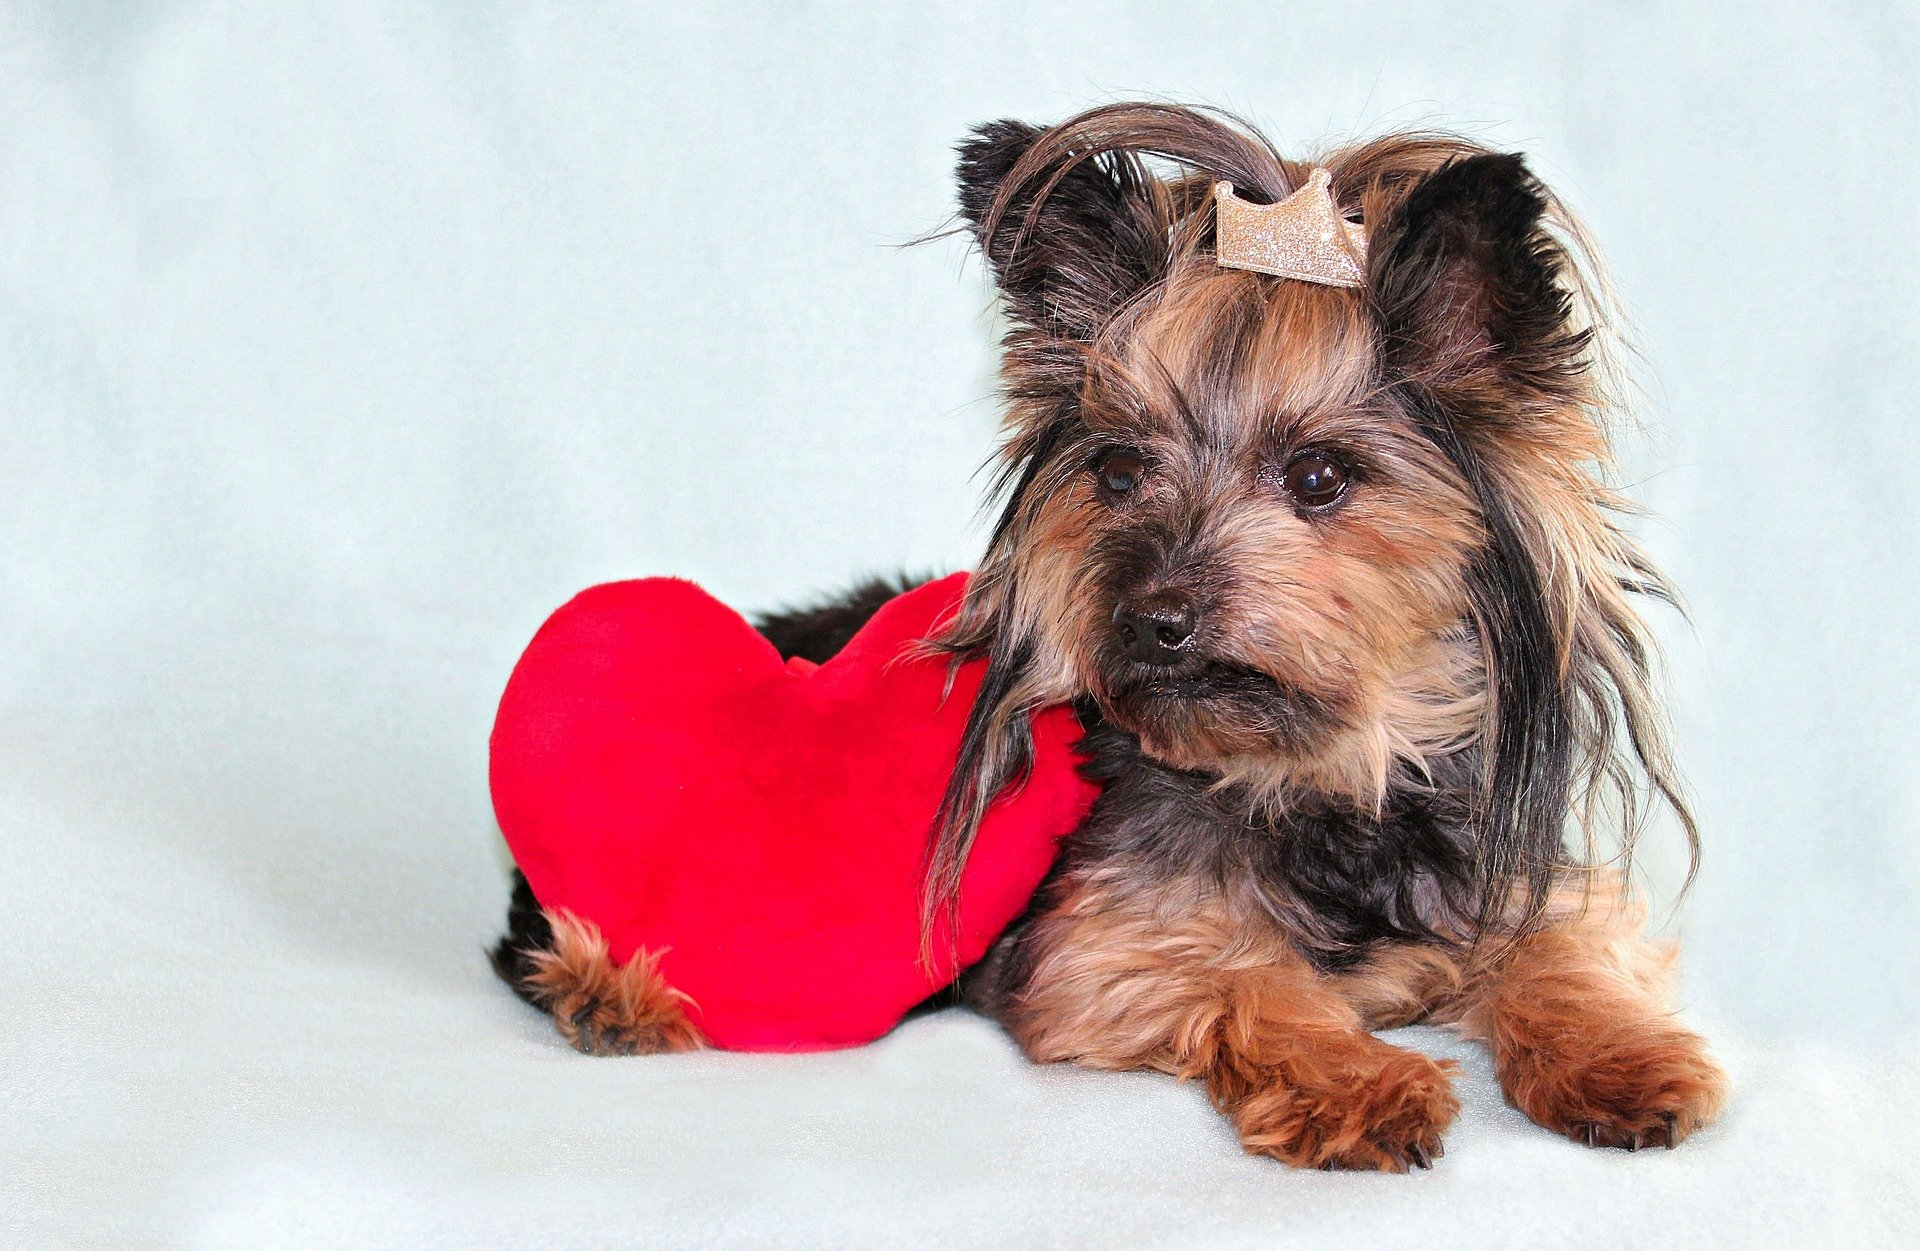 yorkshire terrier 3998864 1920 - Doenças cardíacas em cães são mais comuns do que as pessoas imaginam